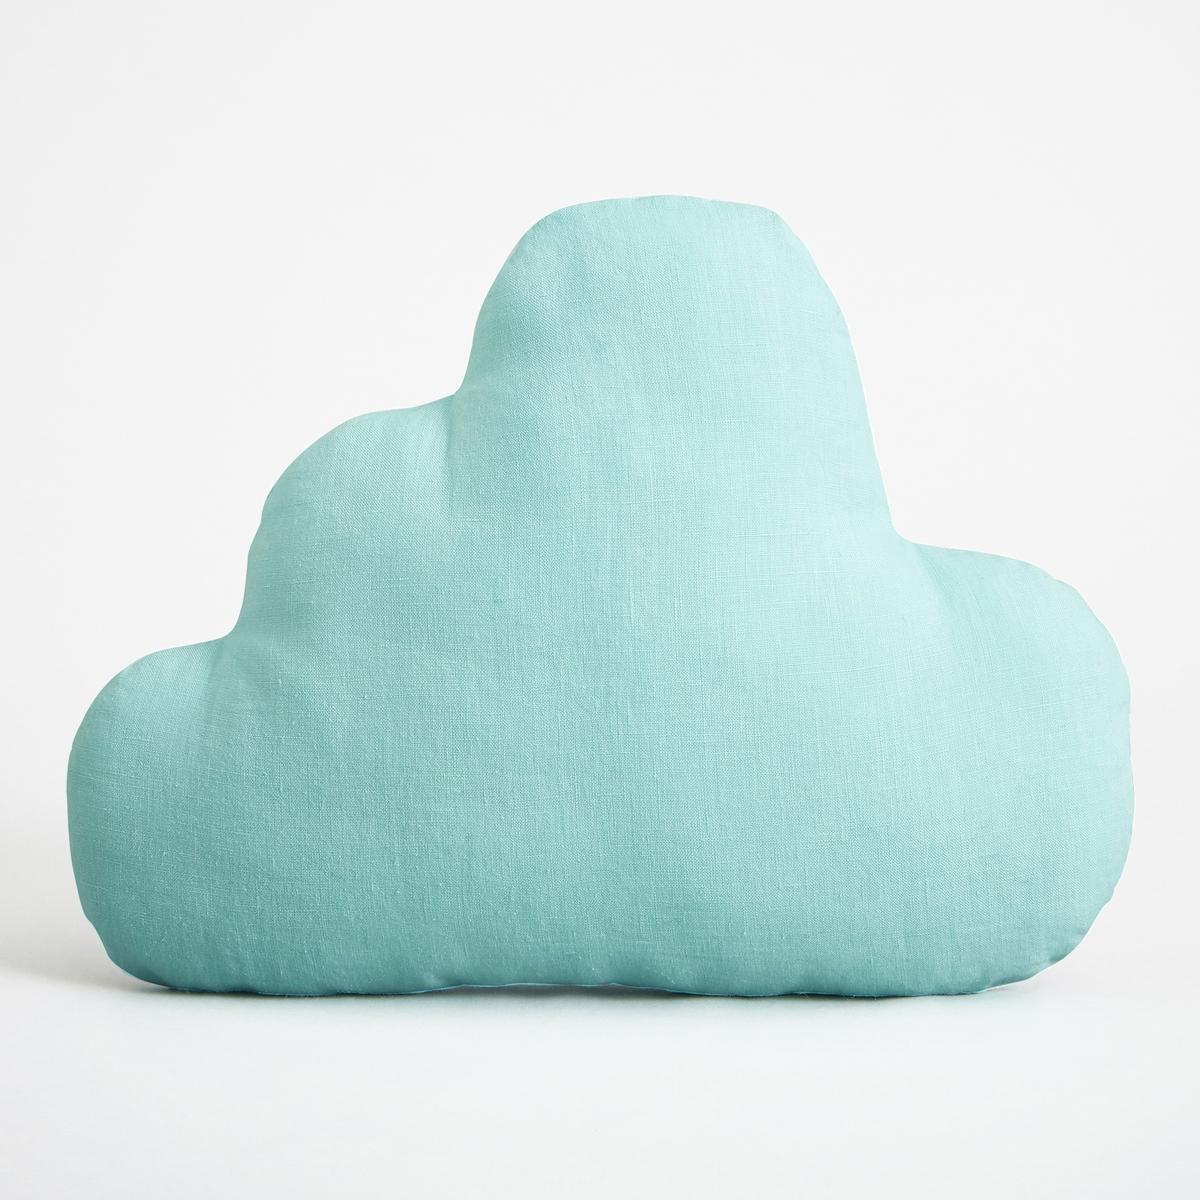 Подушка-облако Achenza подушка ортопедическая bradex облако kz0040